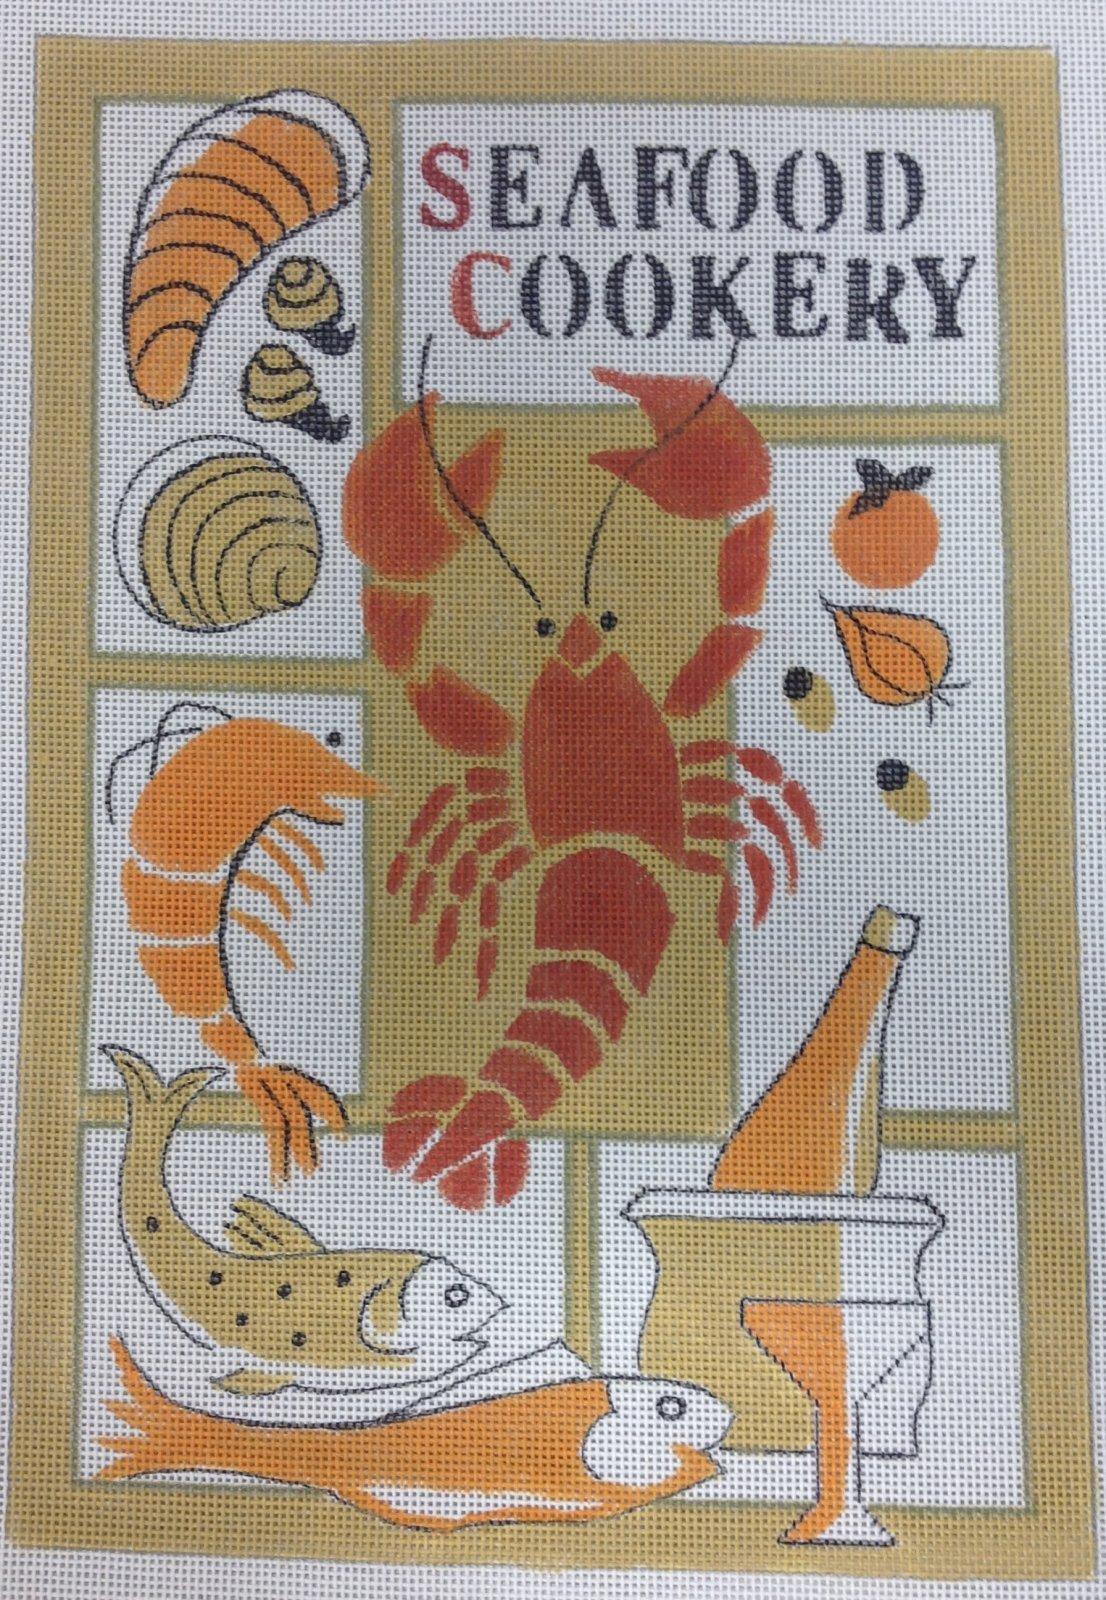 retro cookbook 3*